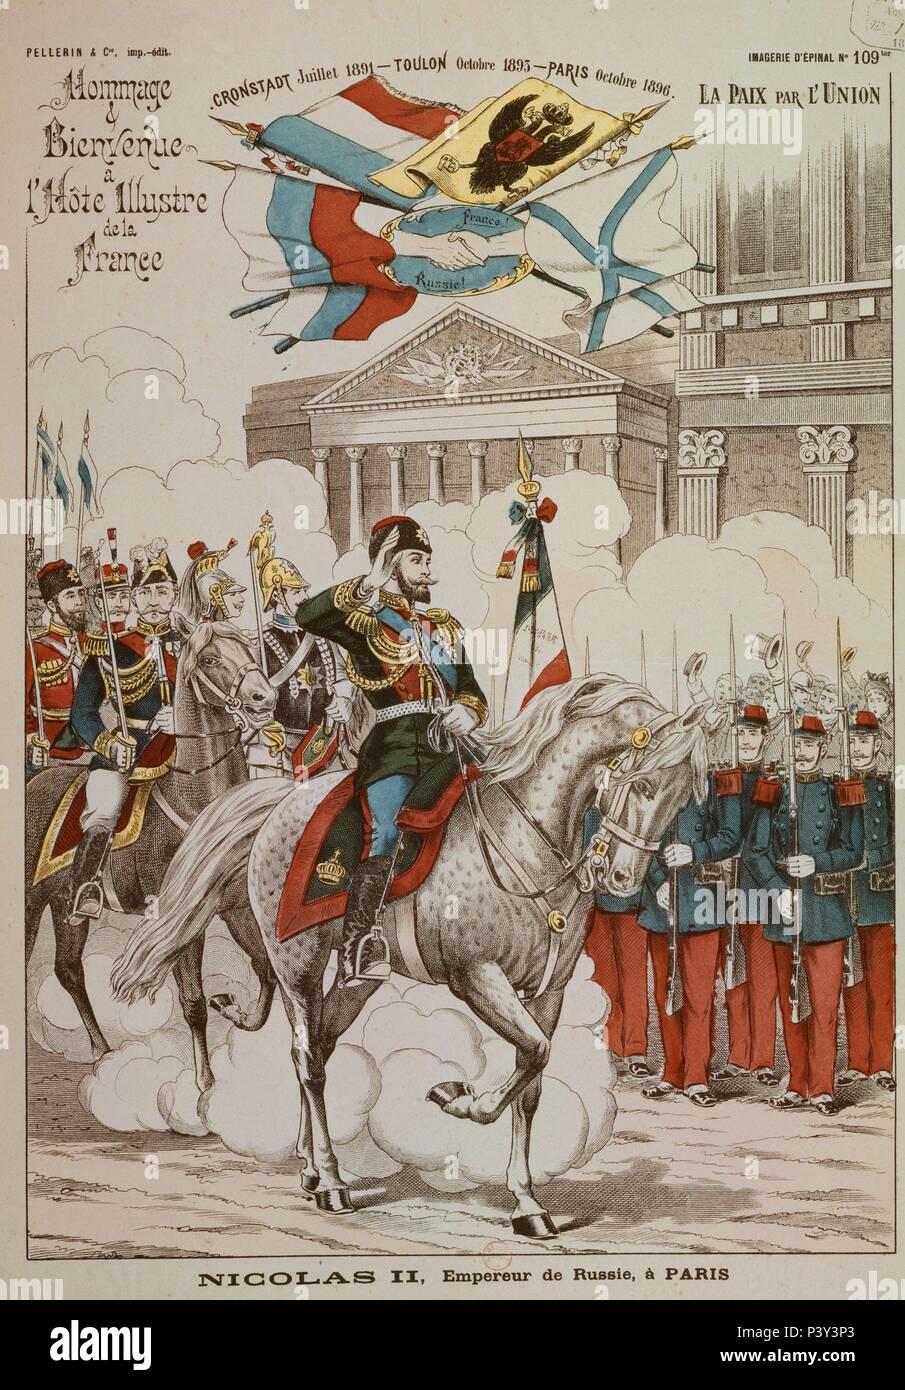 NICOLAS II EMPERADOR DE RUSIA EN PARIS OCTUBRE DE 1896 - GRABADO SIGLO XIX.  Location  NATIONAL LIBRARY. 00a1d0dfe6f